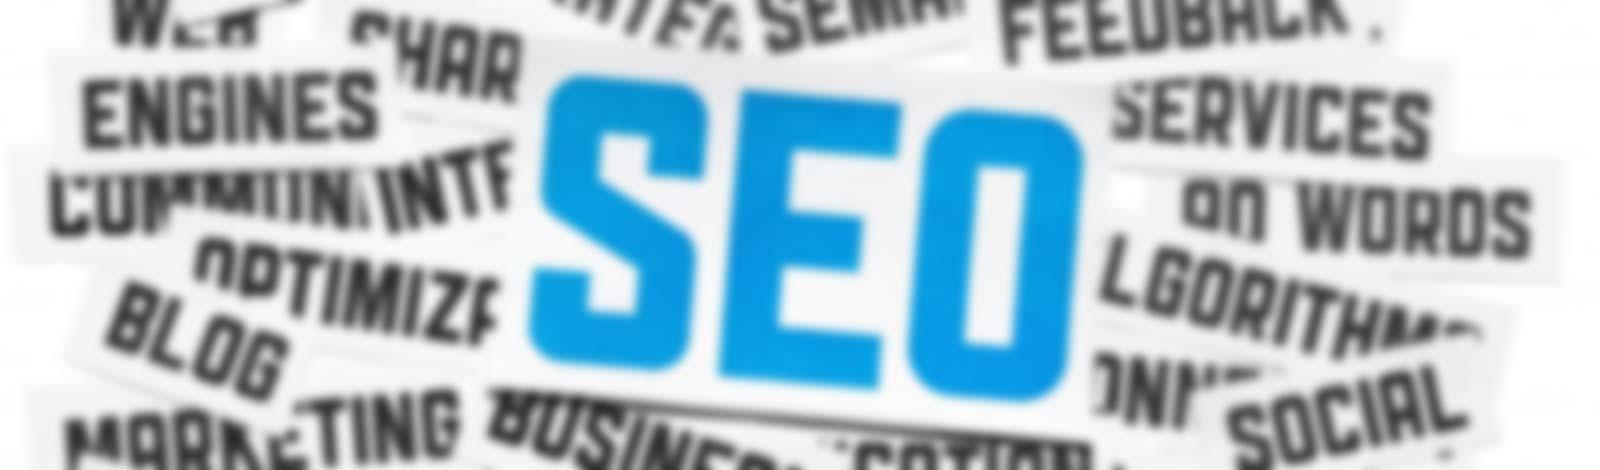 Analisi Seo Specialist Ottimizzazione Siti web